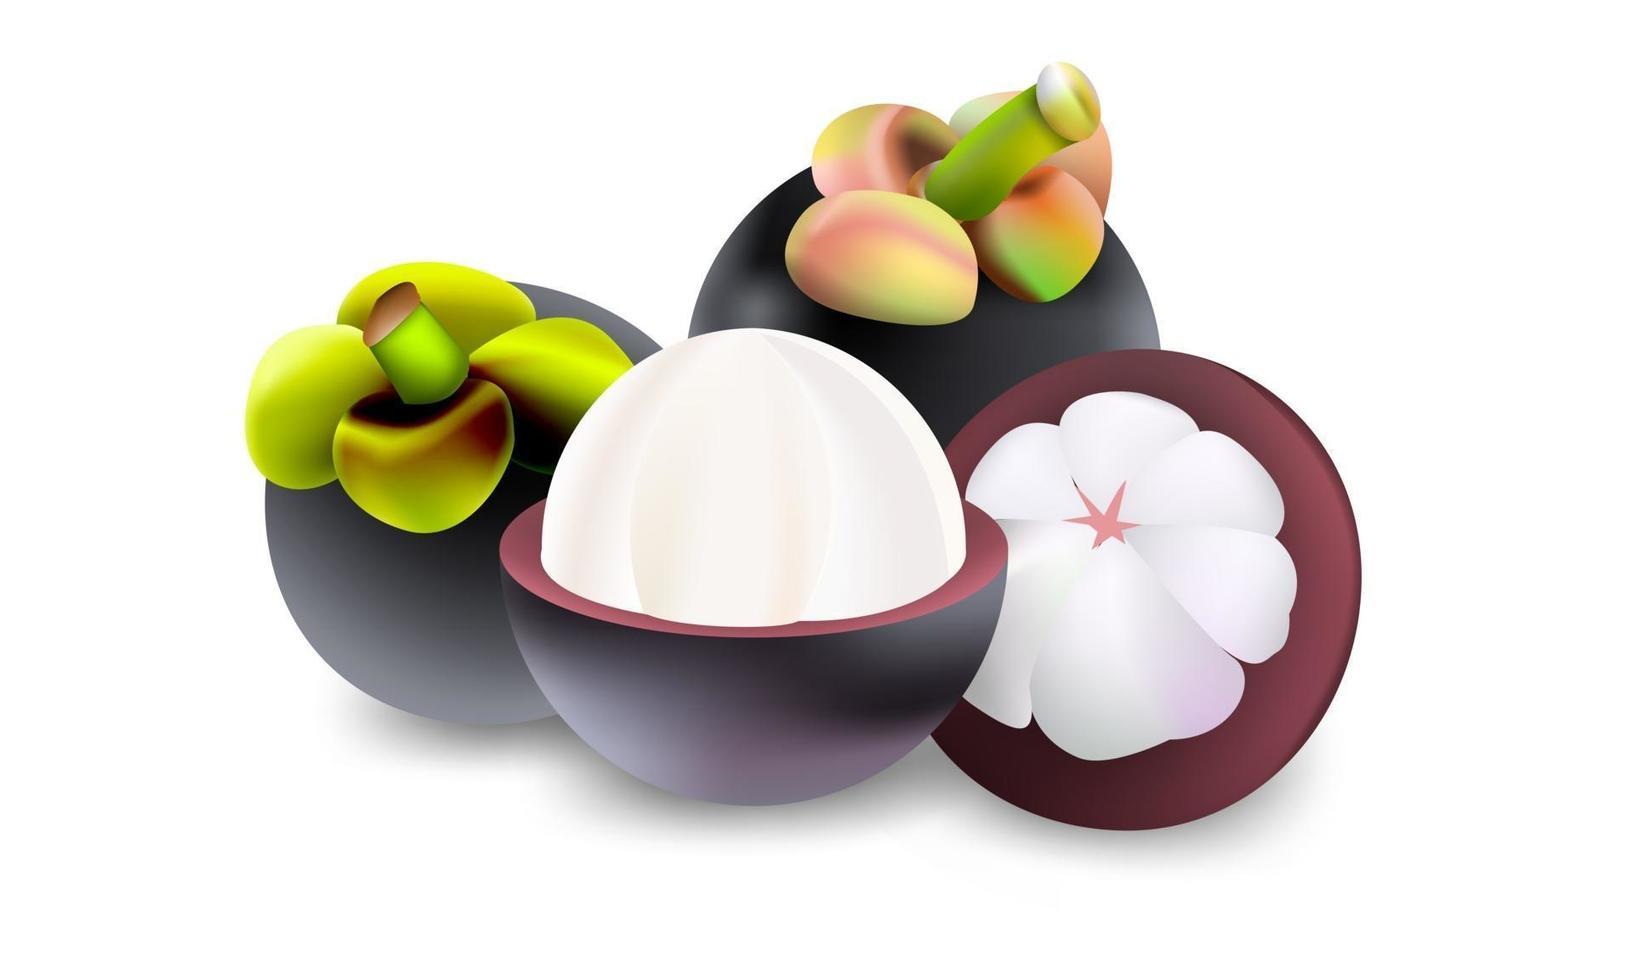 färsk mangostan frukt vektor